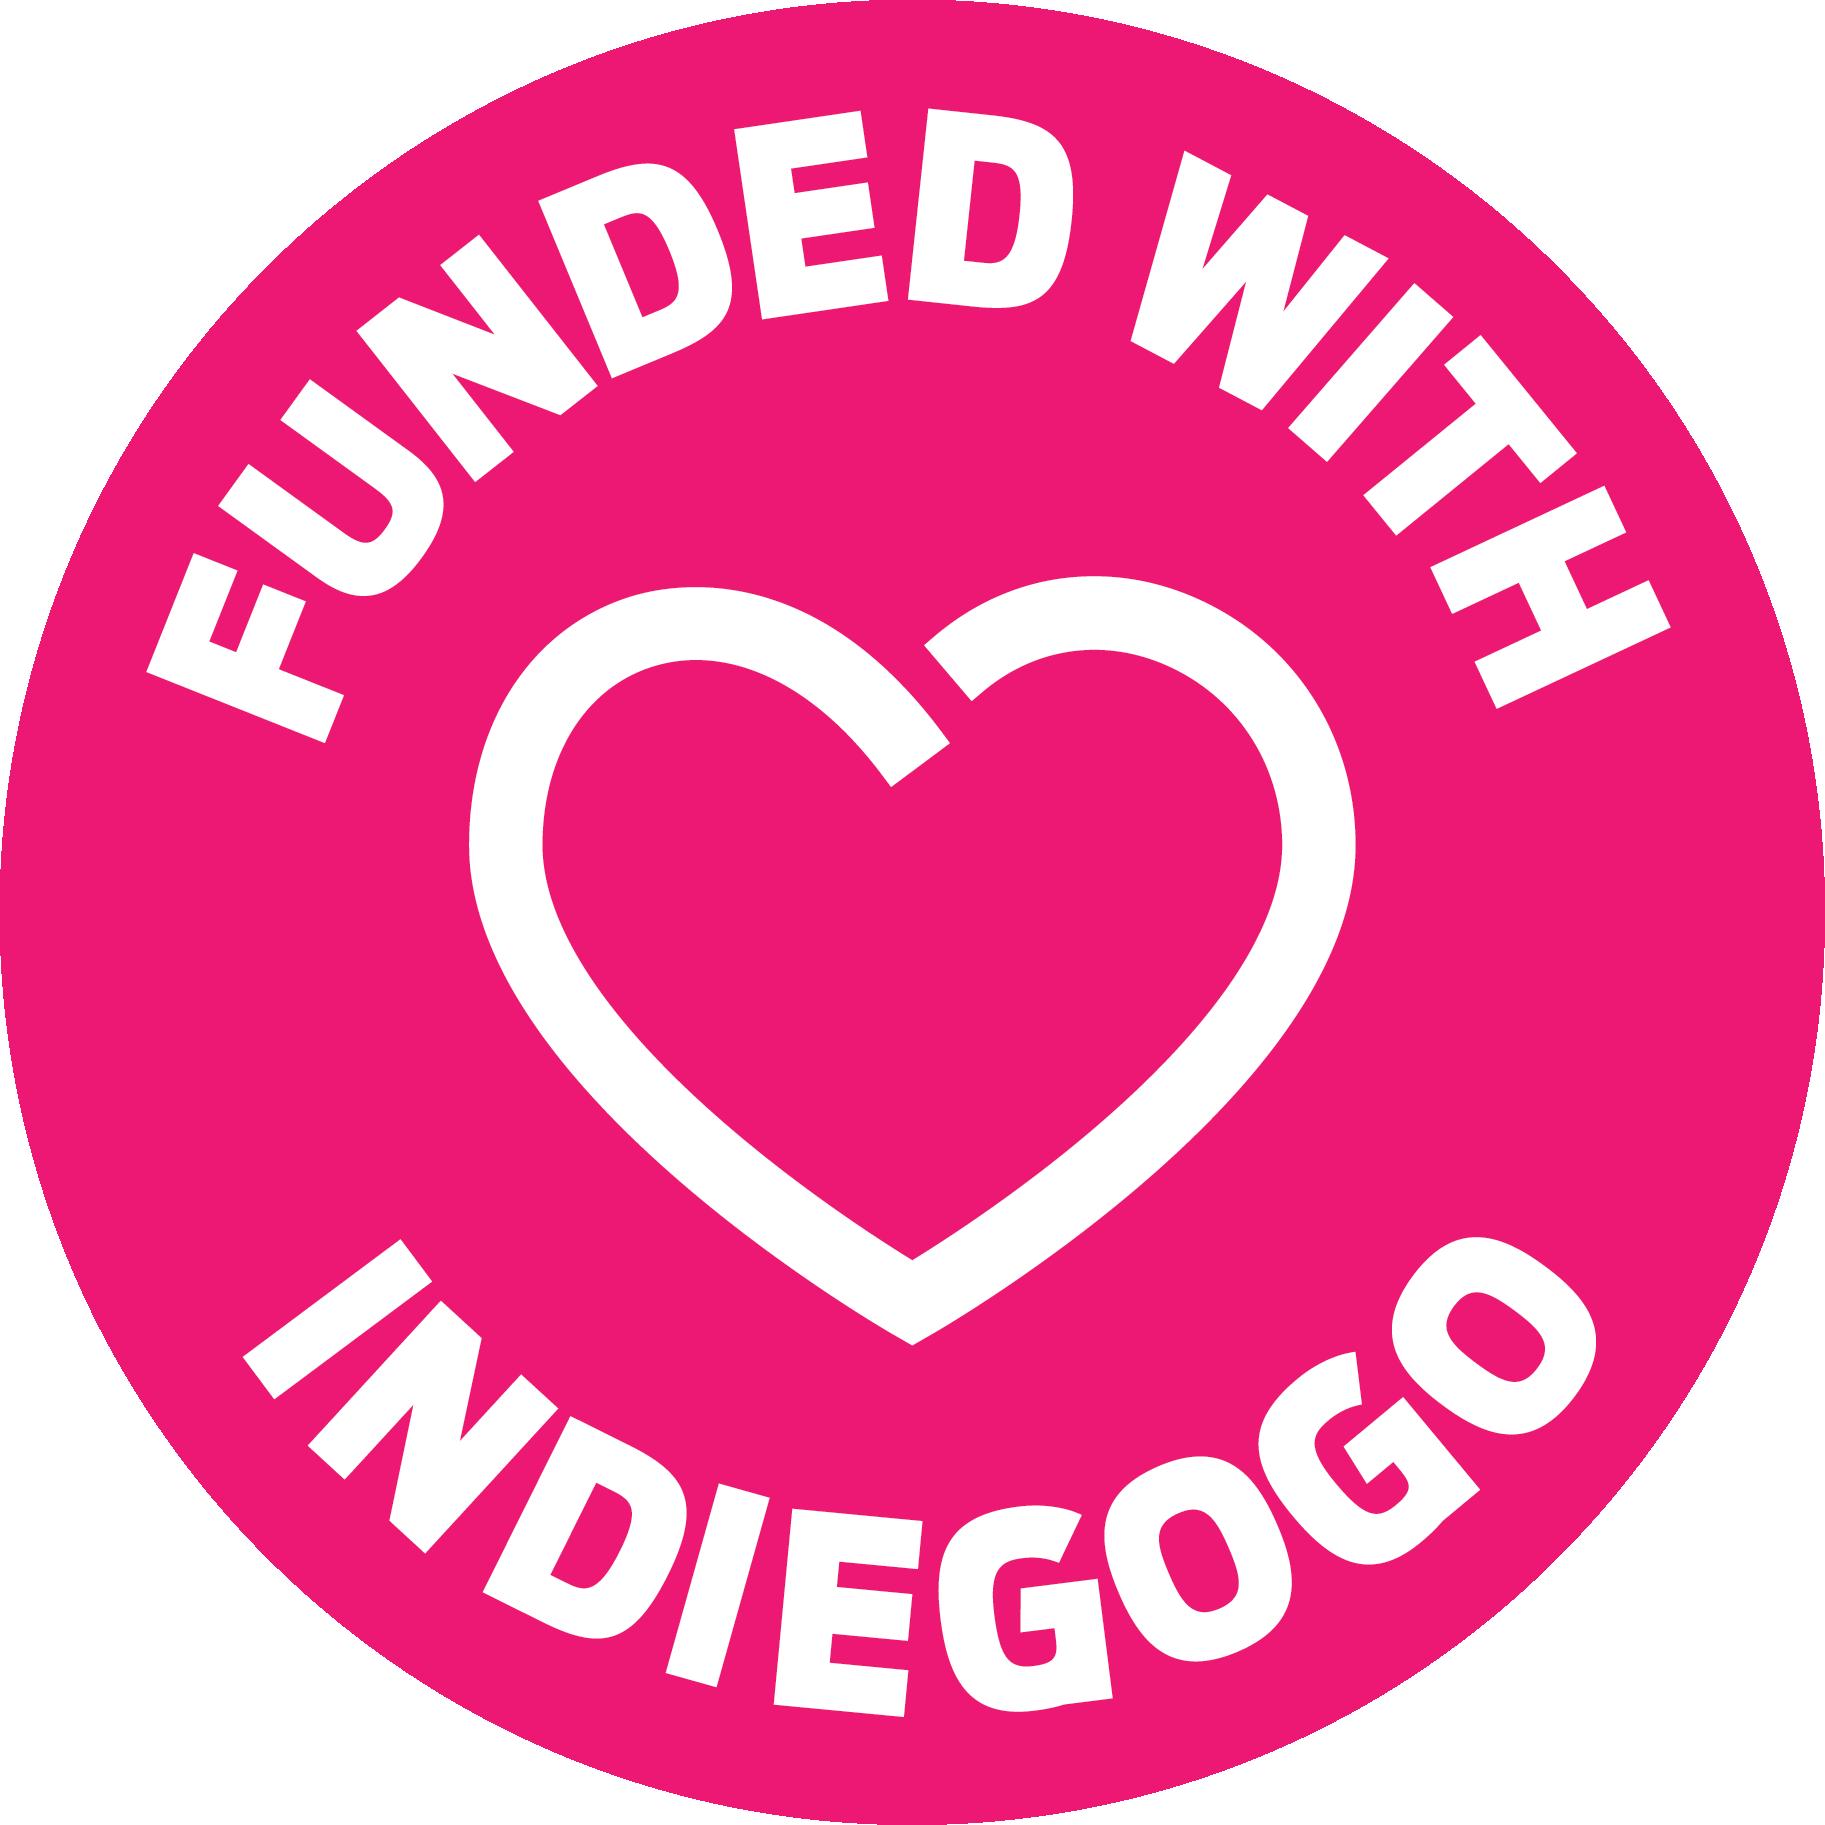 Igg fundedwithbadges gogenta rgb a08e79fb1cdccad4e58eef3e20387afc118e9ee18fb29632a9b1691d628bc037